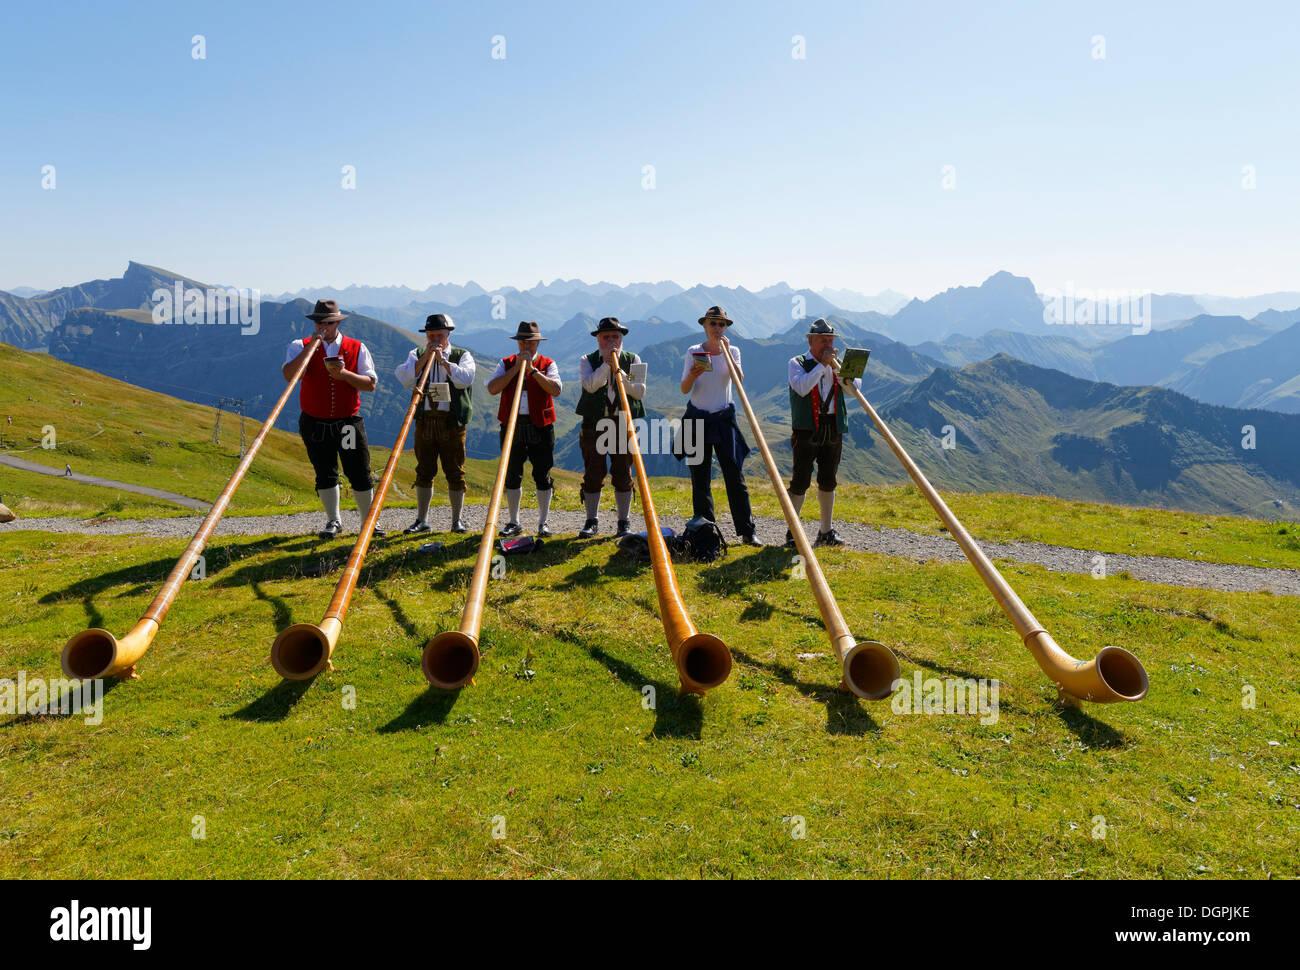 Alphorn jogadores, Diedamskopf, Schoppernau, Bregenzerwald, Bregenzer Wald, Vorarlberg, Áustria Imagens de Stock